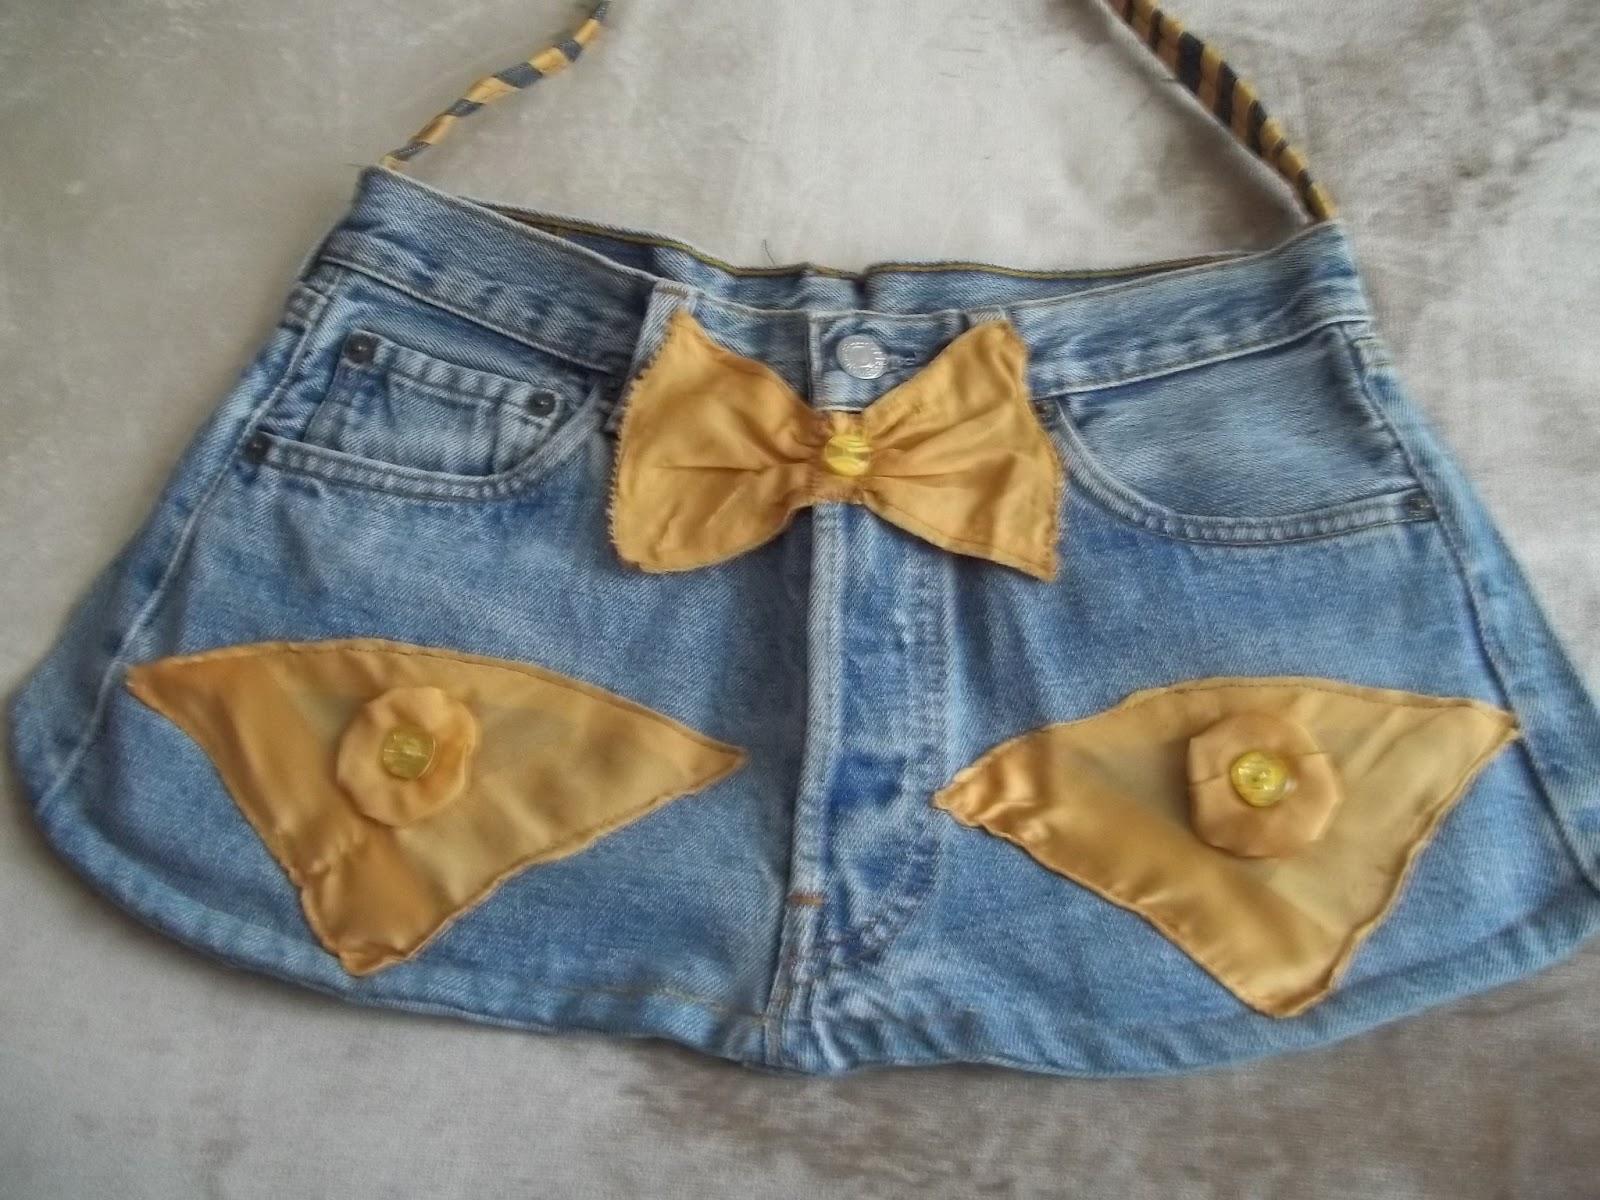 eb19f32248573 Bu çantalarımı çok seviyorum,el işleri ve plaj çantası için kullanımı çok  uygun.Genç kızlarda çok alıyo,yaptığım her çanta bir tane oluyo istesemde  ikinci ...